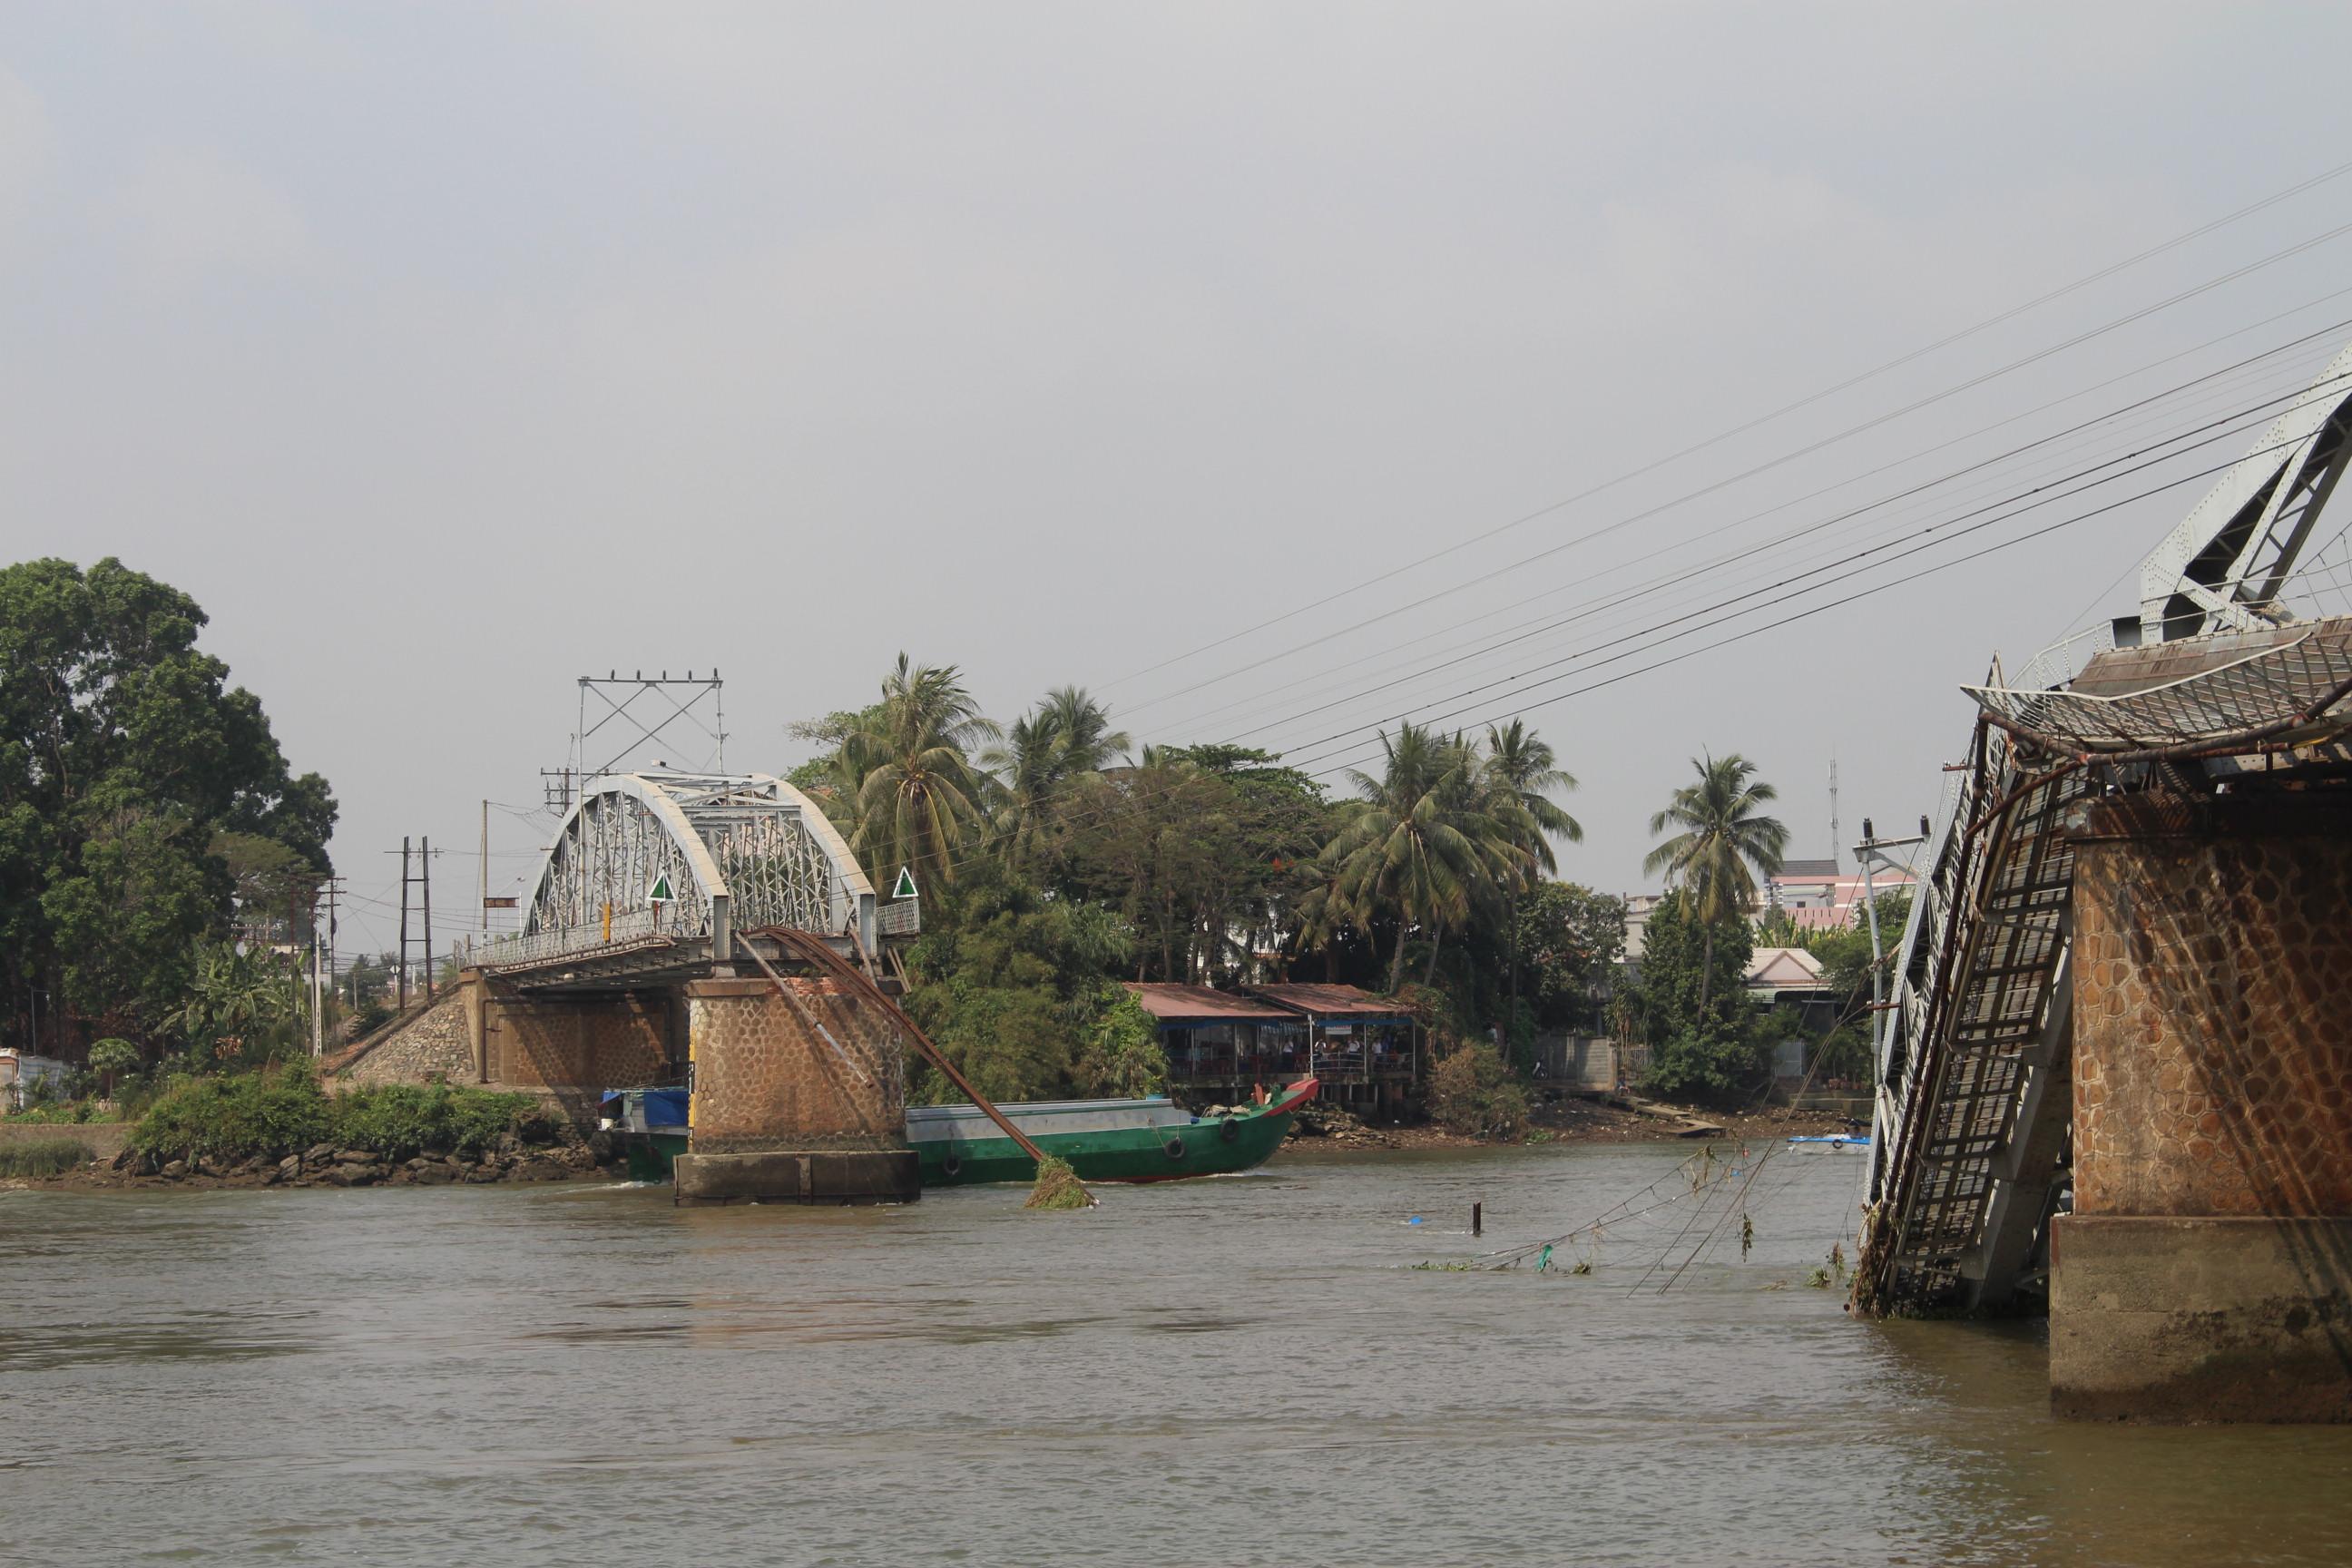 Ngày 20-3, cầu Ghềnh 100 năm tuổi bị sà lan tông sập, đường sắt Bắc -Nam gián đoạn, tài công và chủ tàu kéo bị bắt giam để điều tra